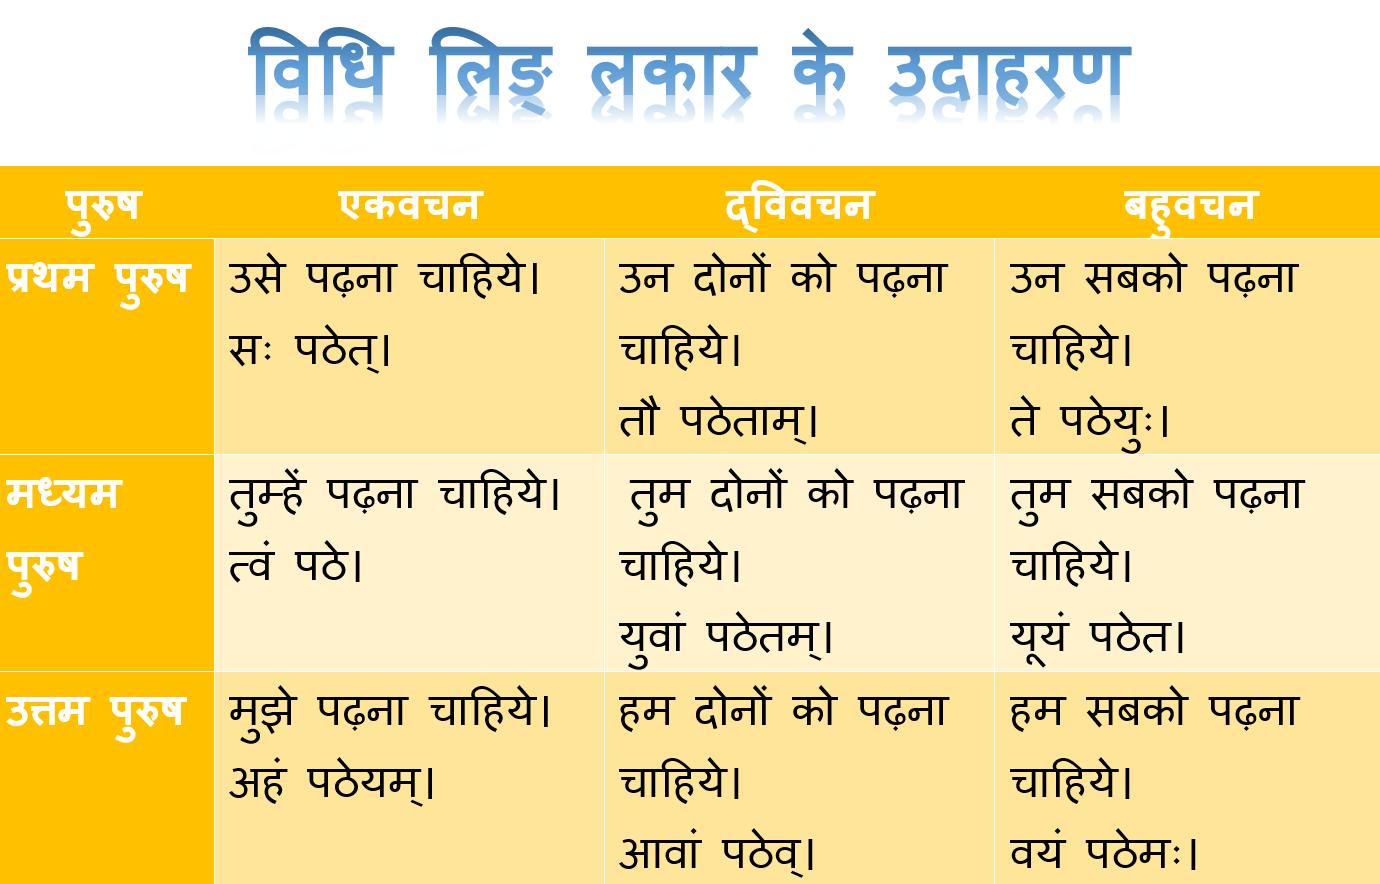 Vidhiling Lakar